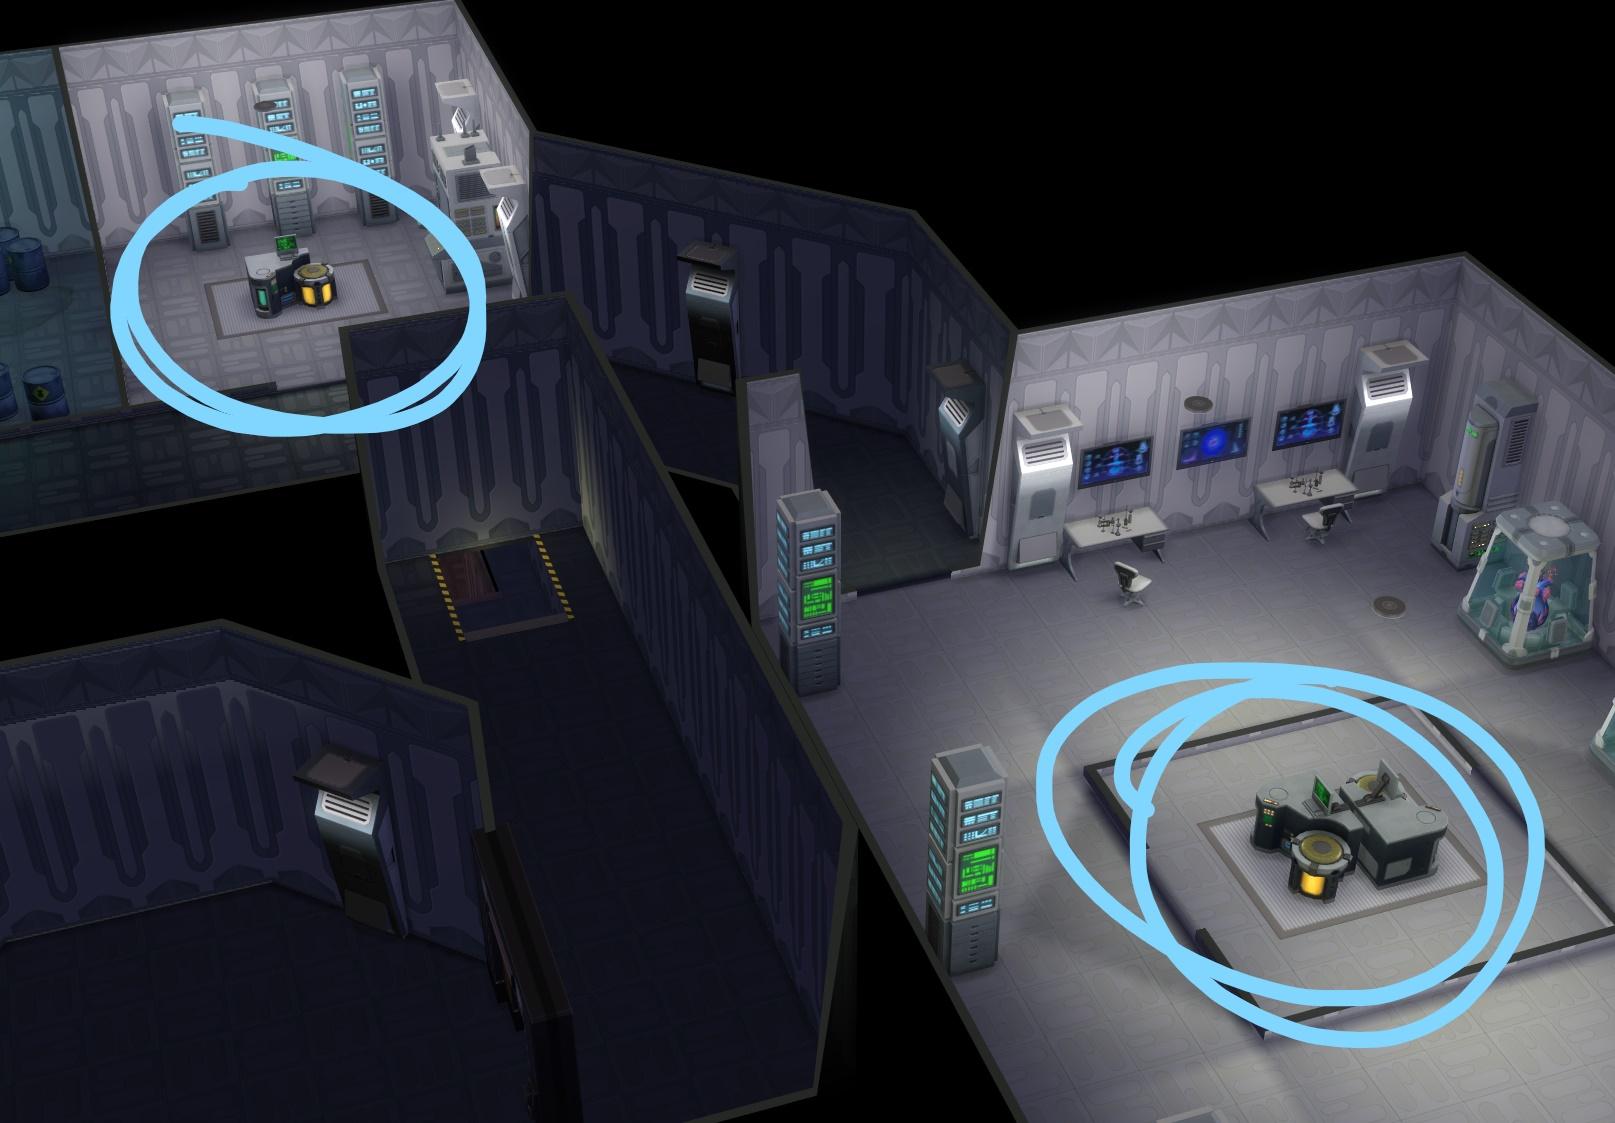 《模拟人生4:诡奇小镇》DLC图文攻略 任务流程+新增服饰道具+视频攻略